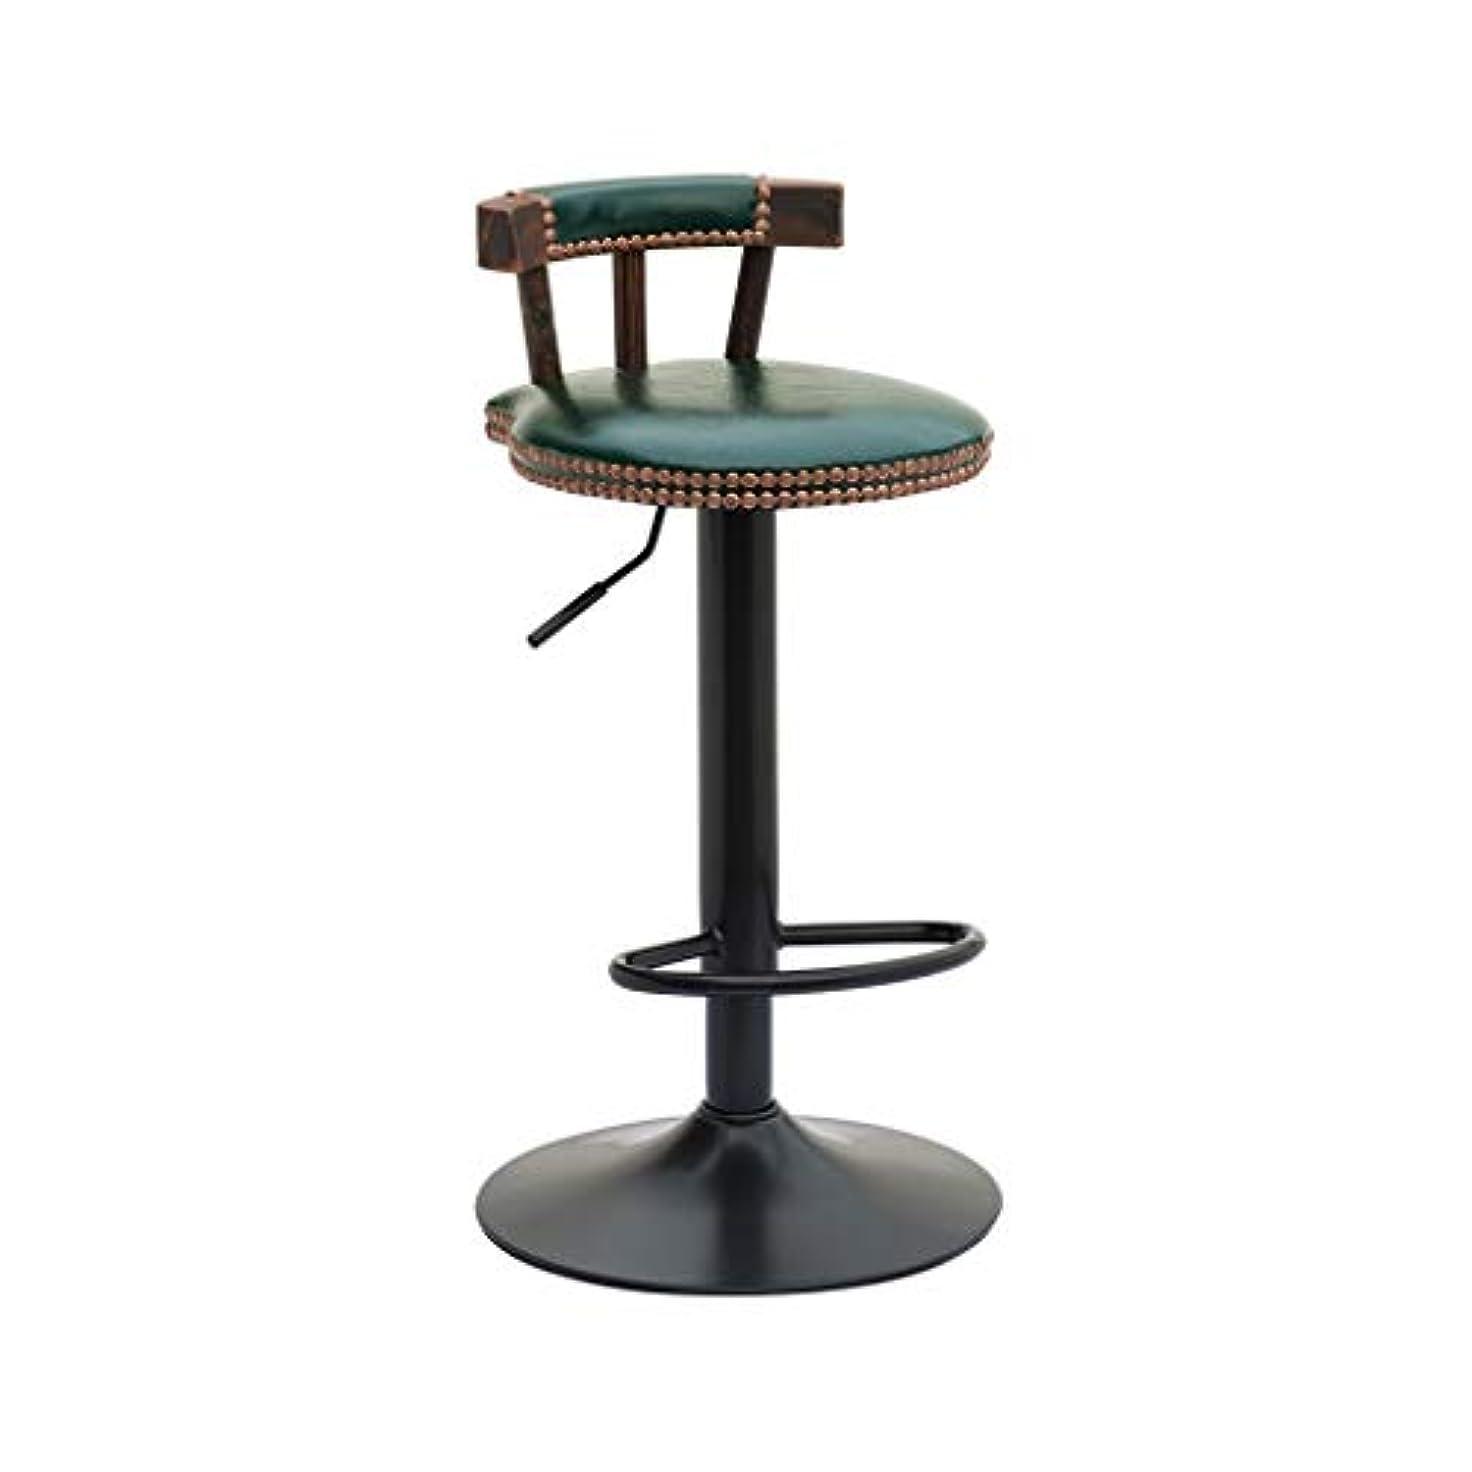 お白い確実JYX バースツール、ソリッドウッド製シートバックレストハイスツールリフト回転家庭用朝食ダイニングチェアレジャーカウンターチェア受付椅子